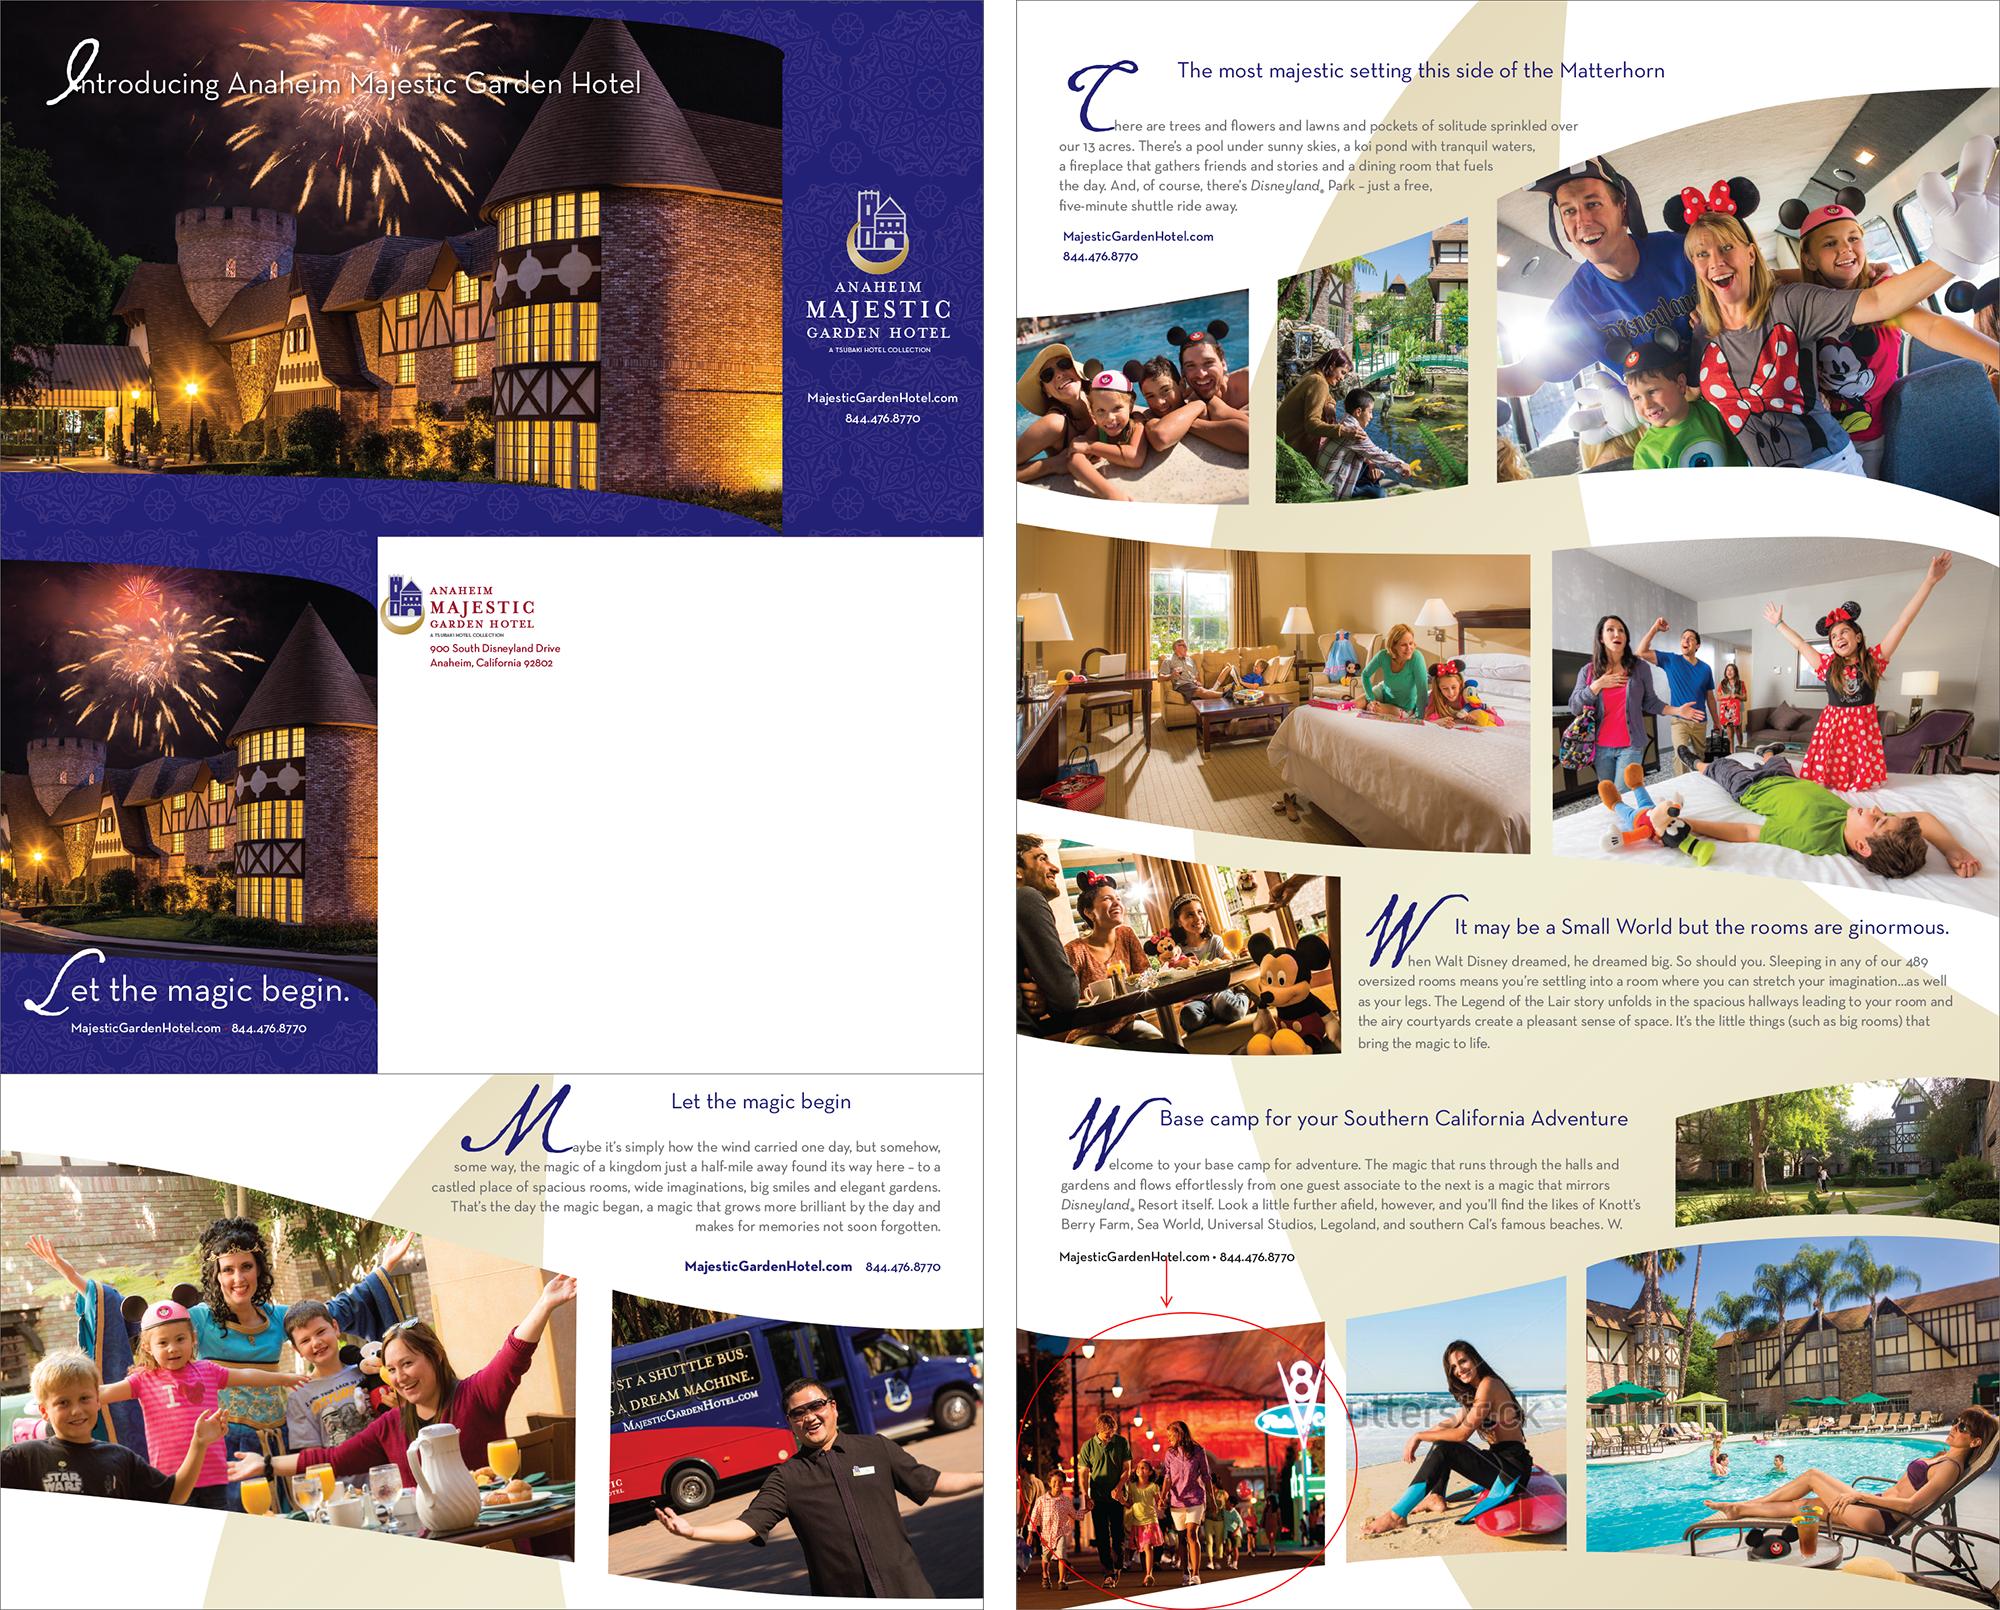 Anaheim Majestic Garden Hotel Brochure